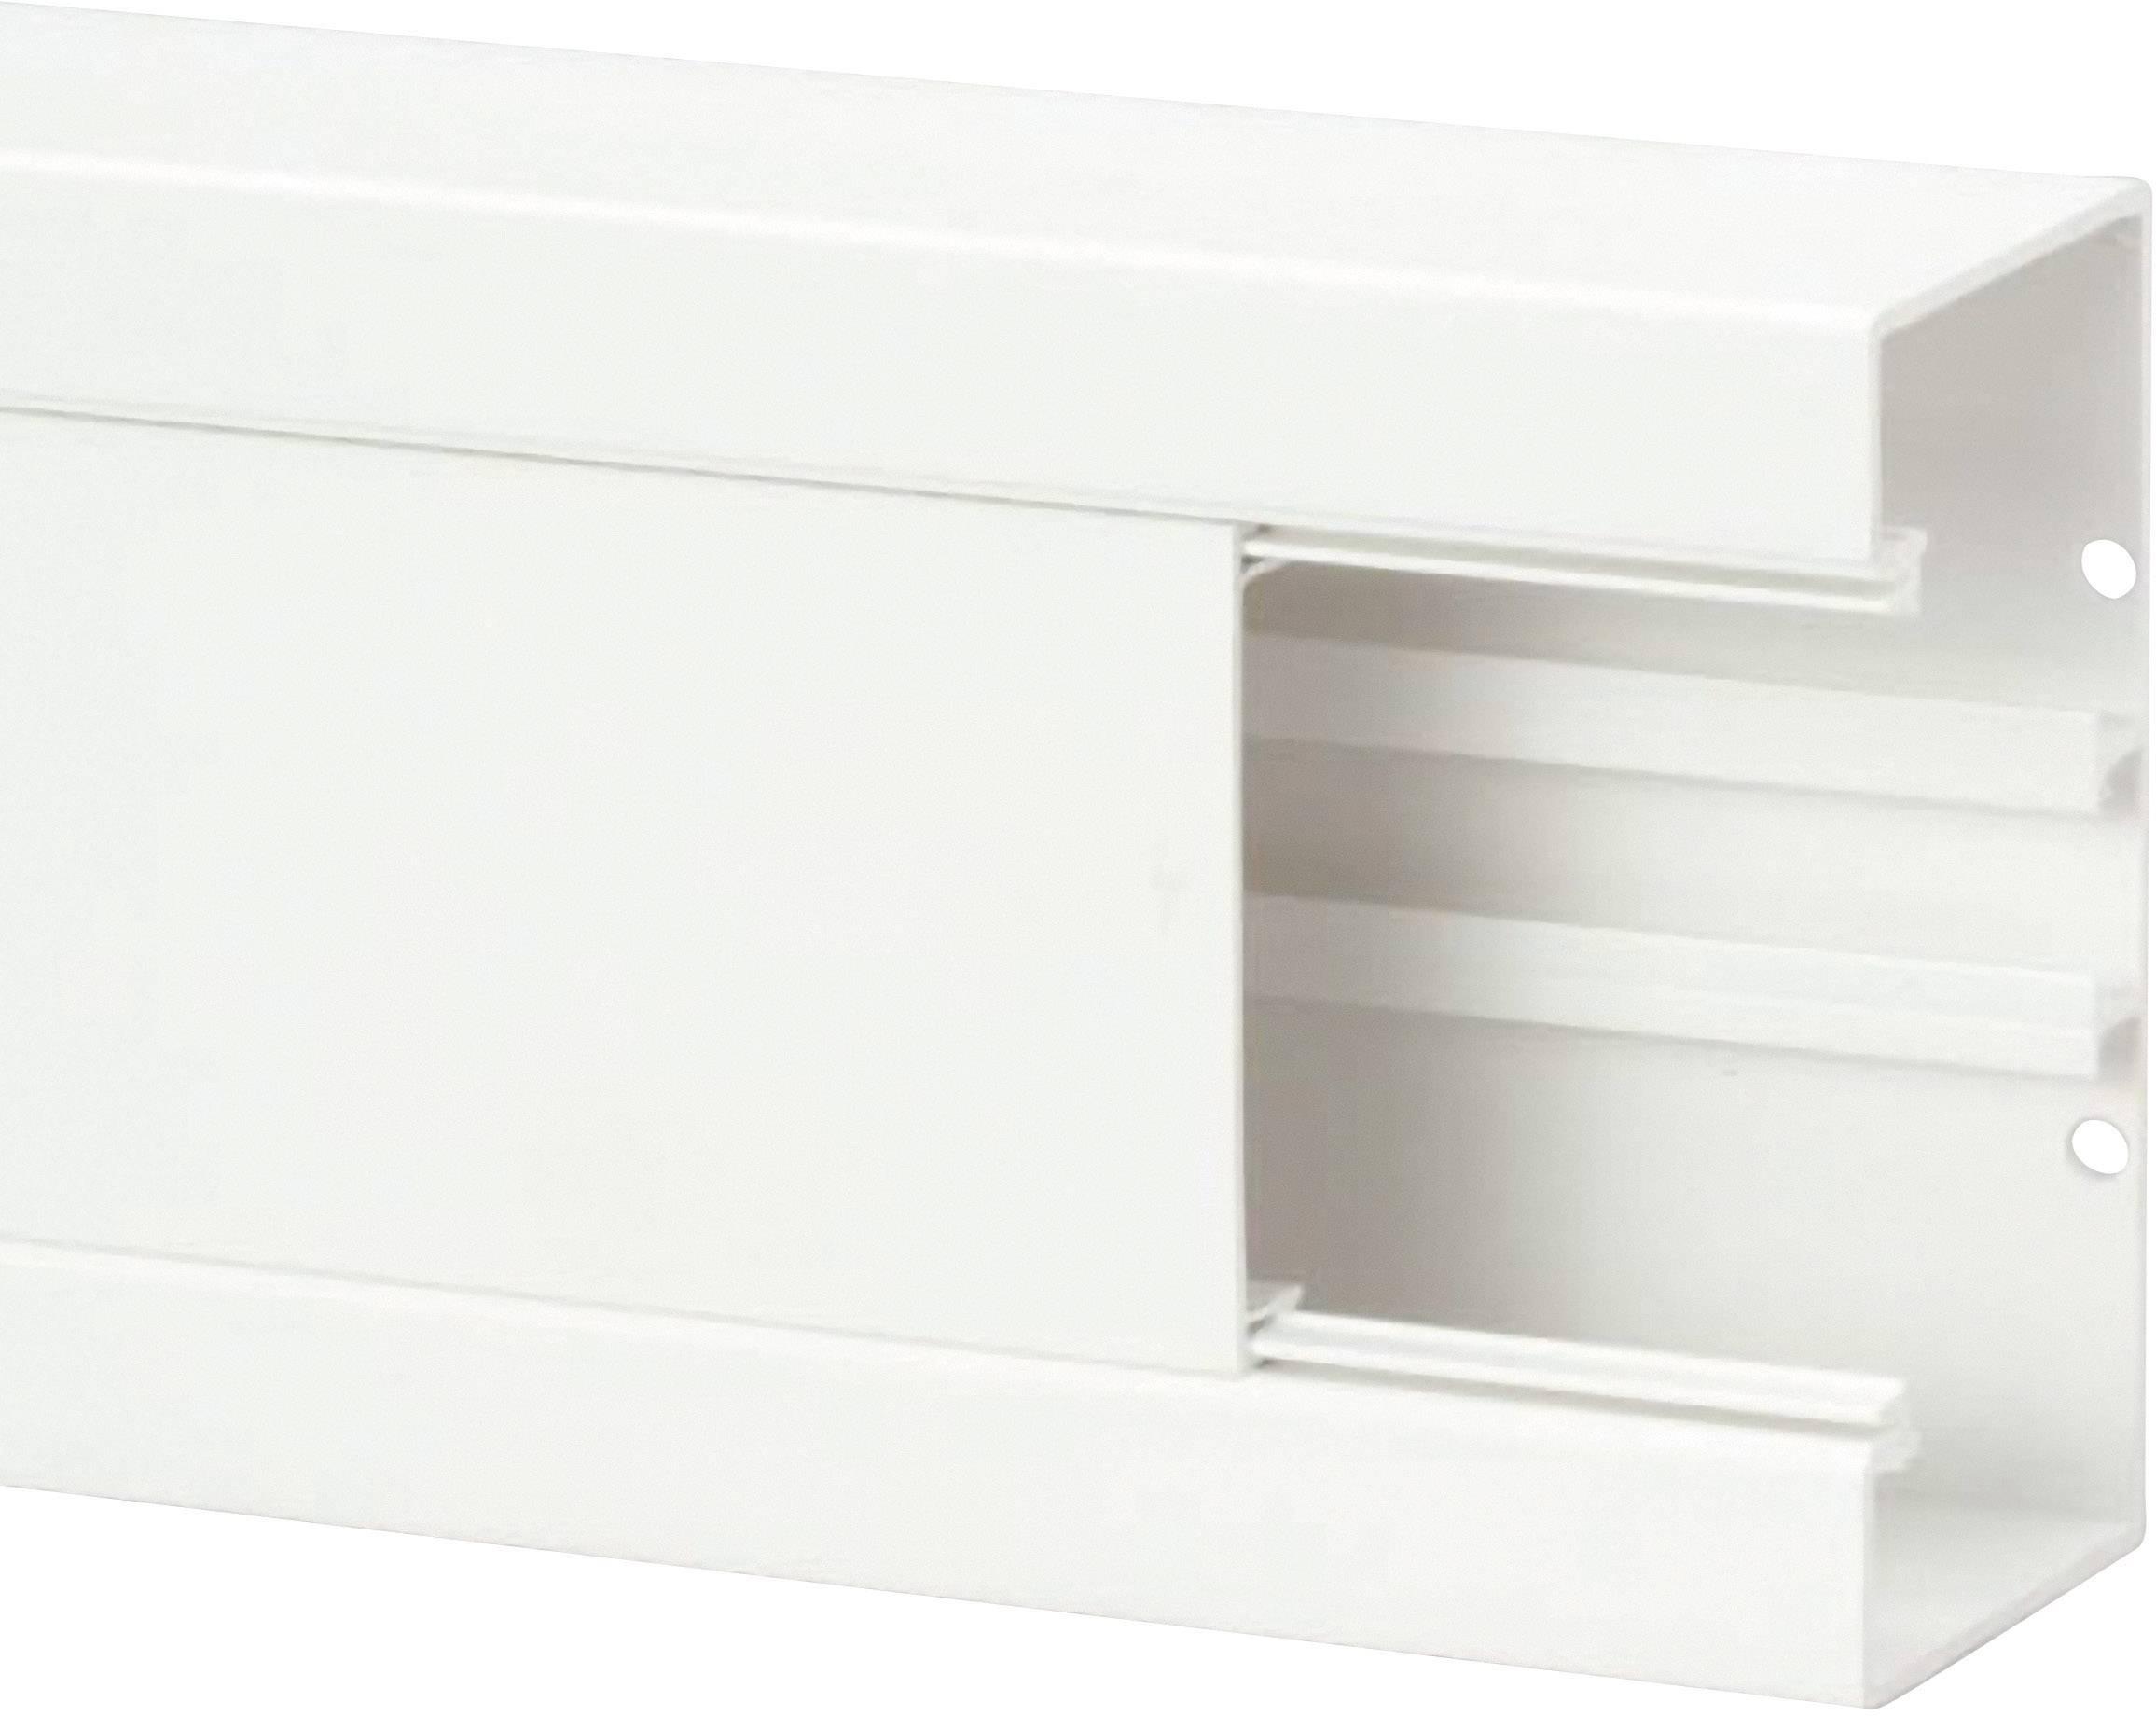 Parapetní lišta na kabely Heidemann, 09823, 130 x 65 mm, bílá